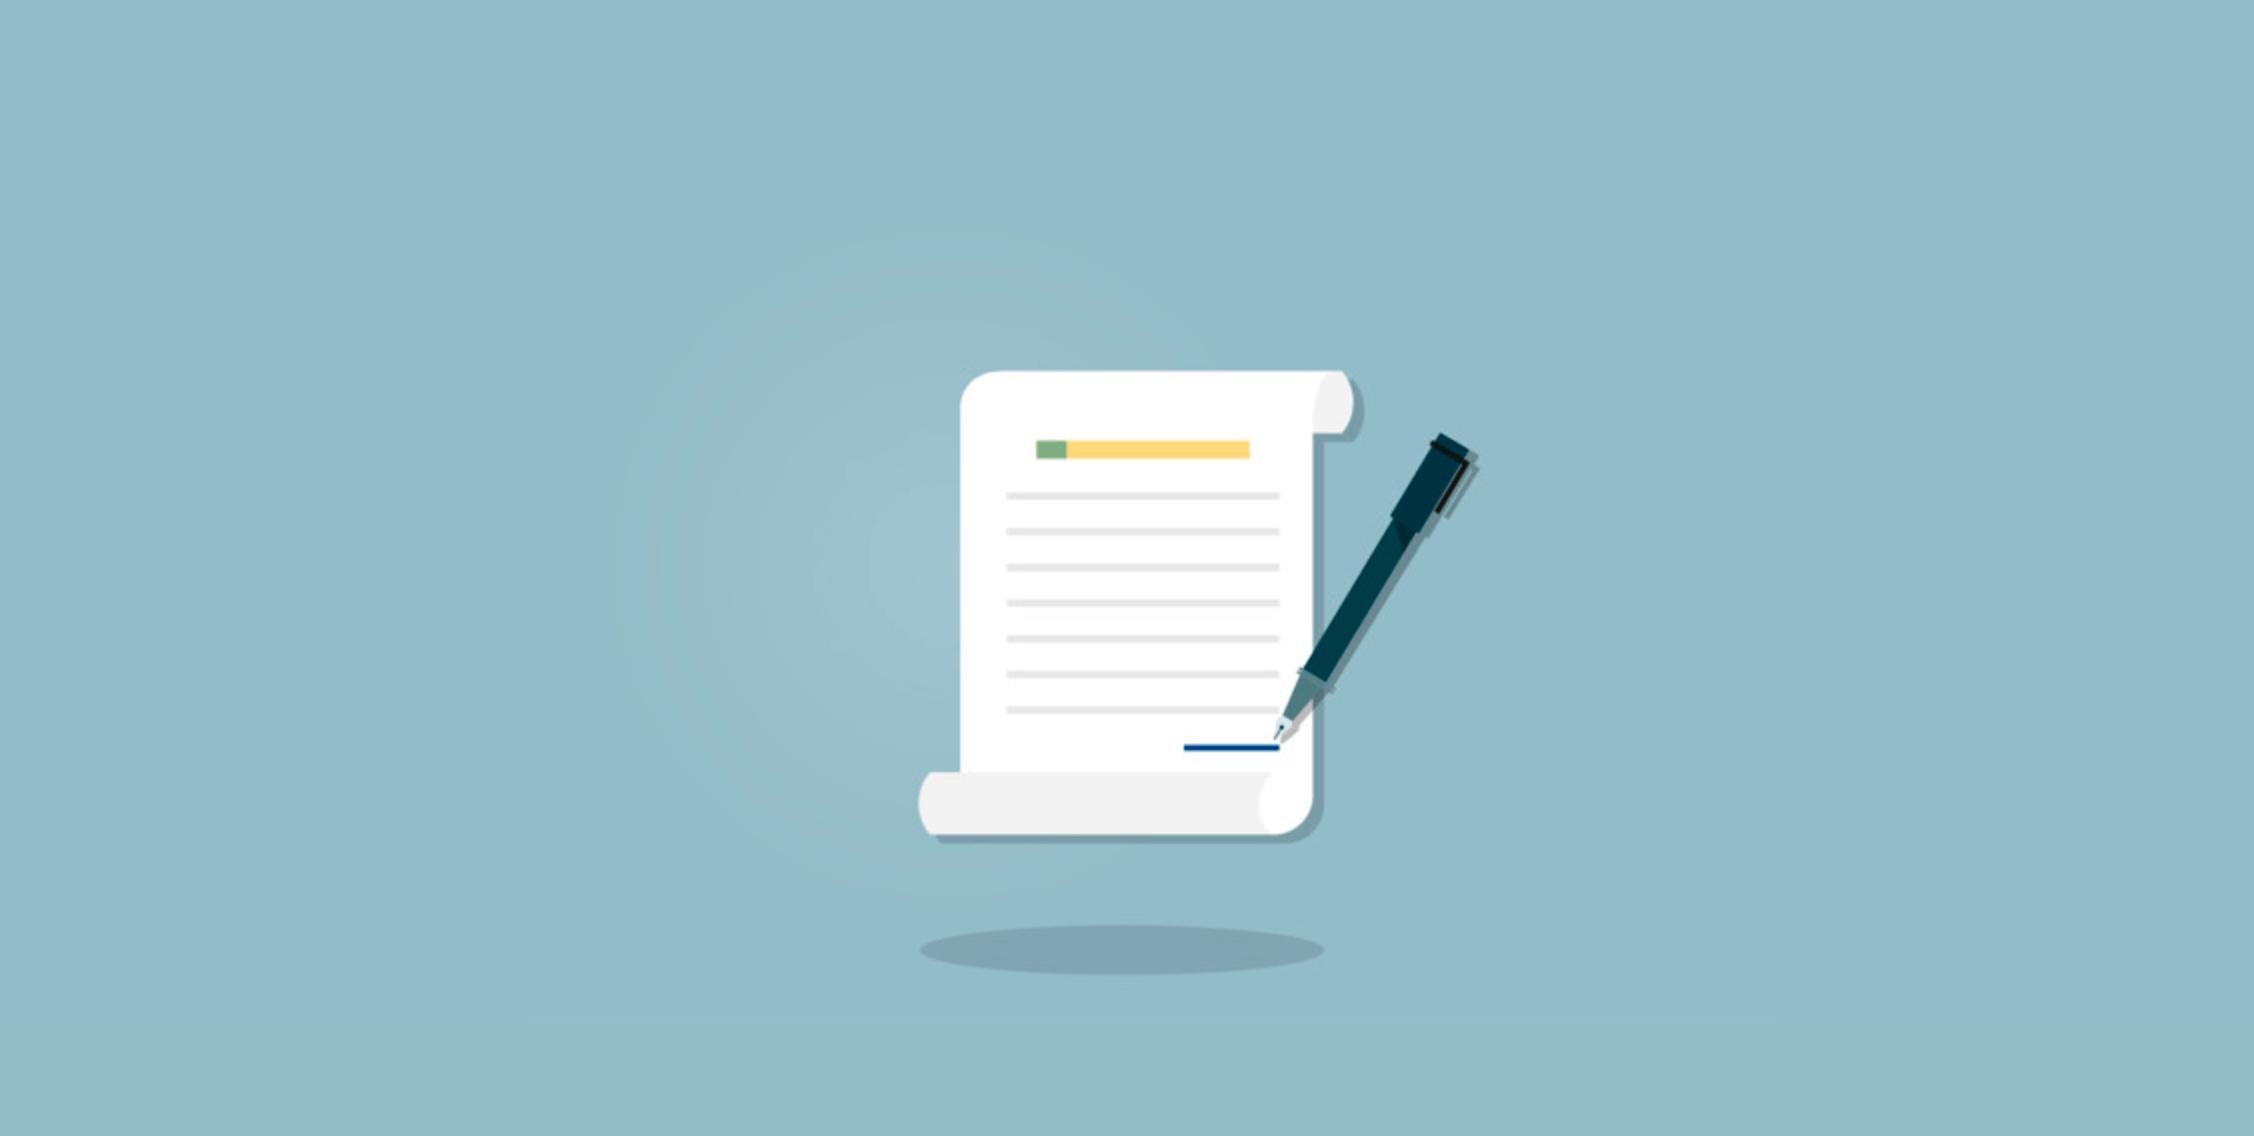 plantillas modelo de contrato para diseño gráfico